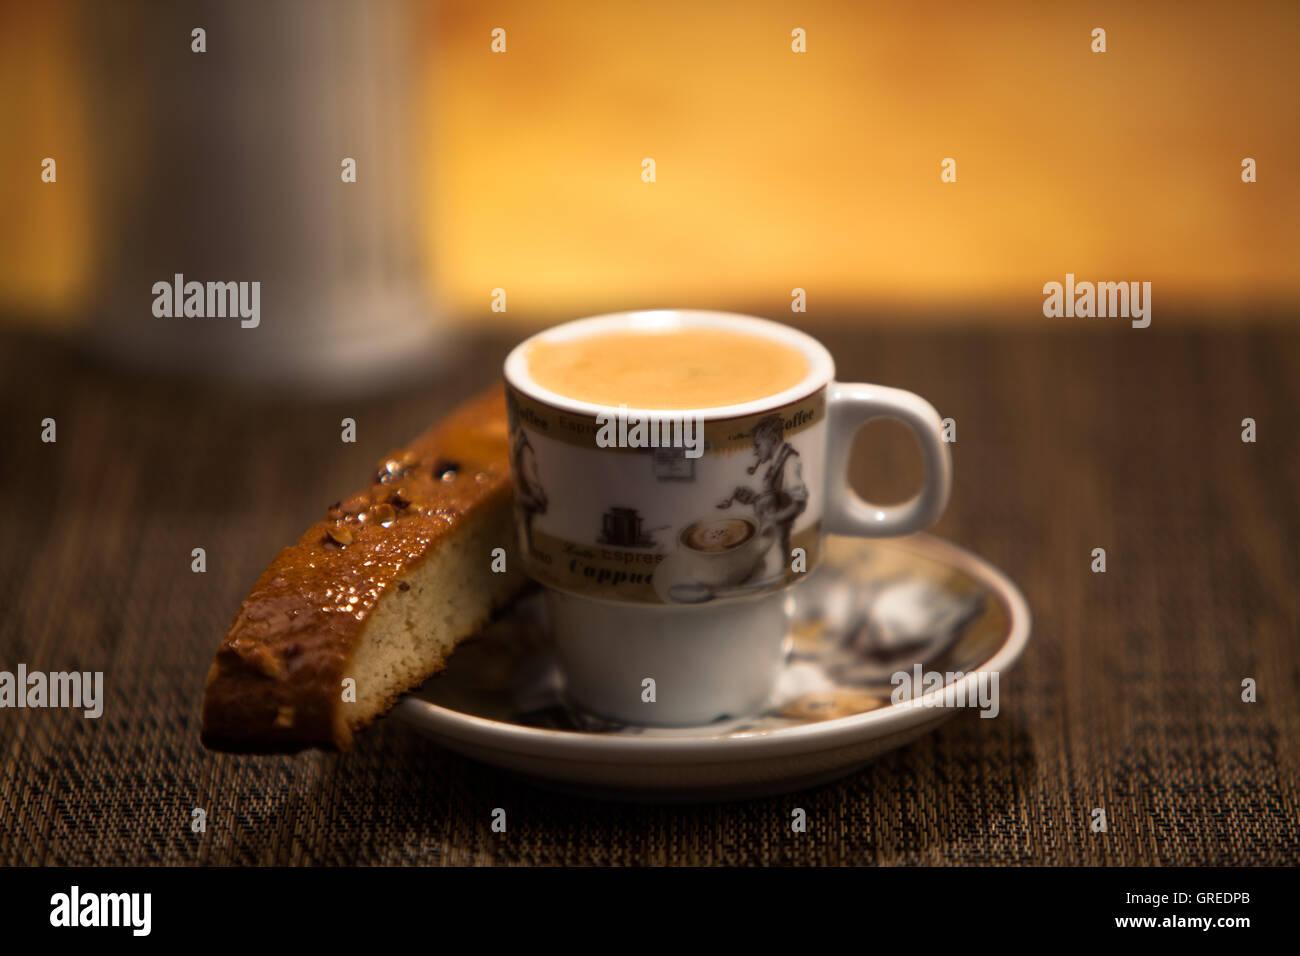 Cuban Coffee Stock Photos Images